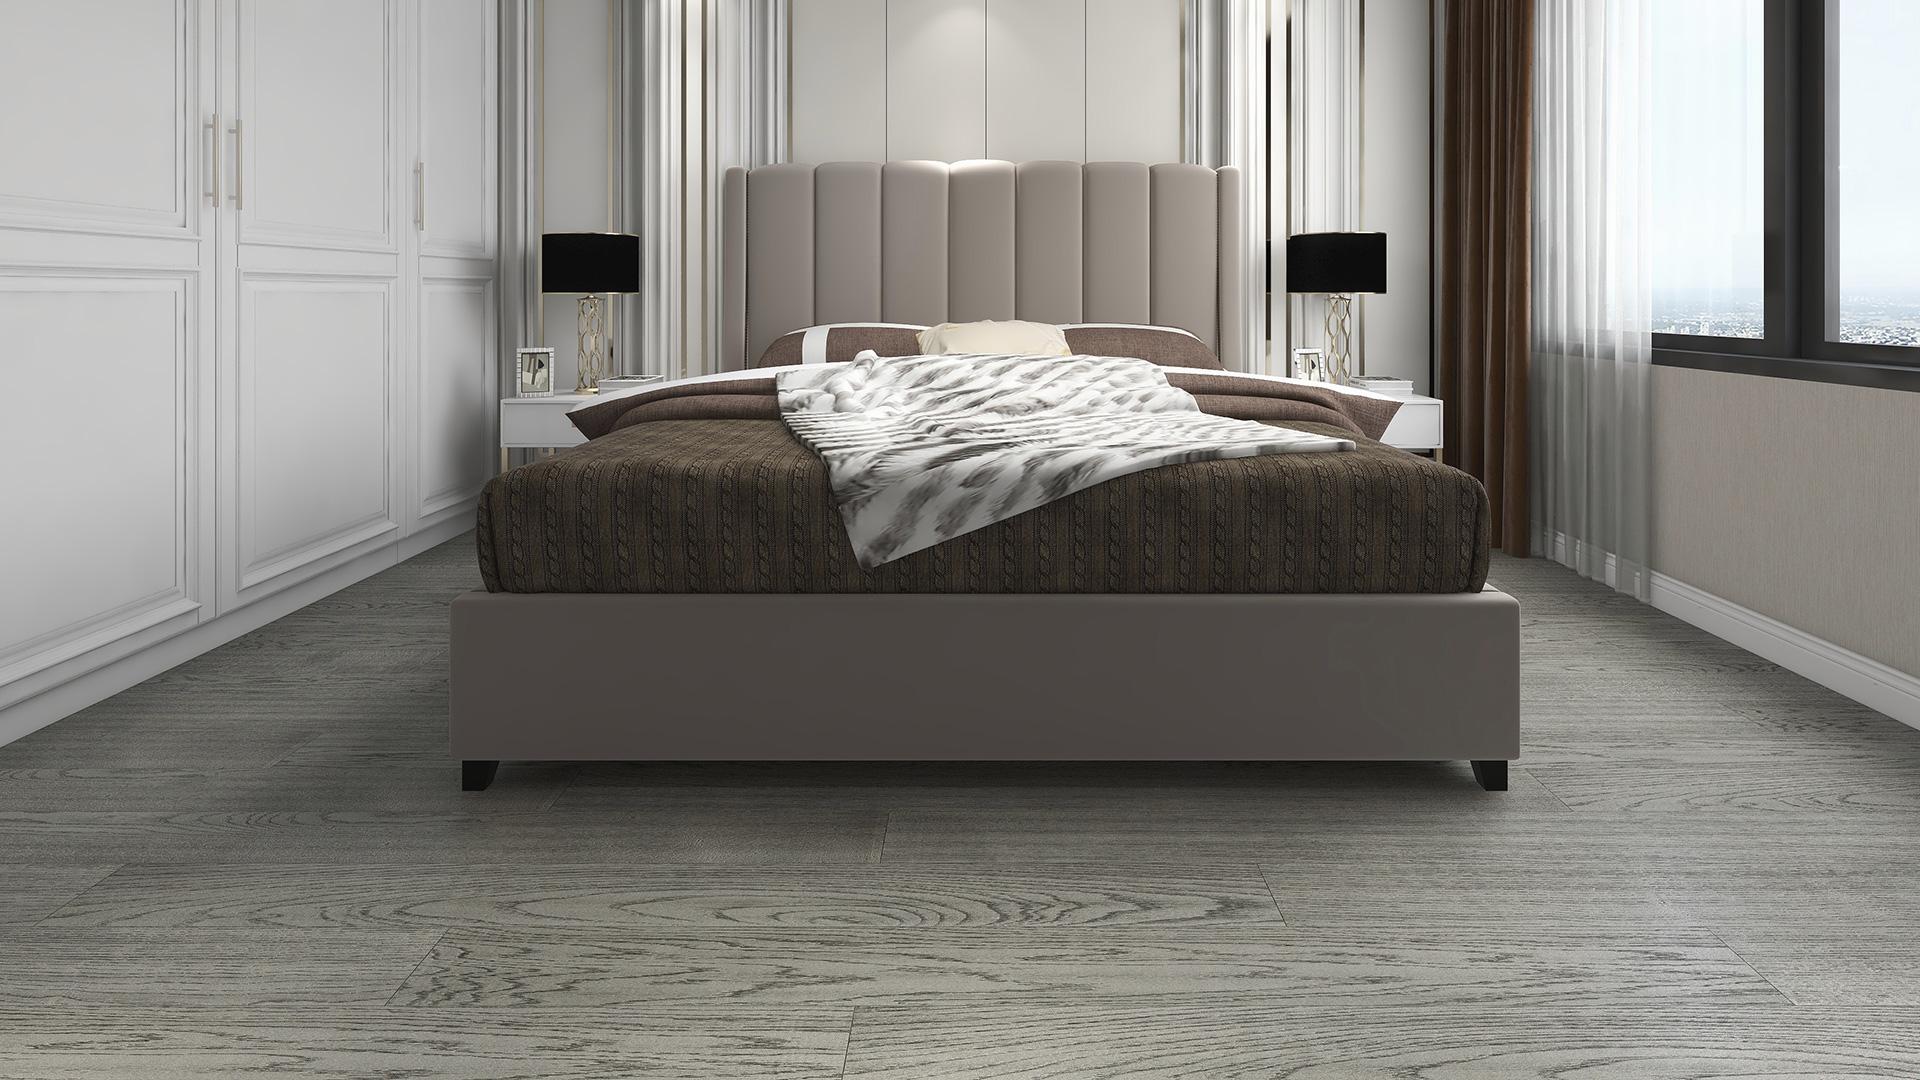 意大利GARBELOTTO实木复合地板,单拼白金色橡木